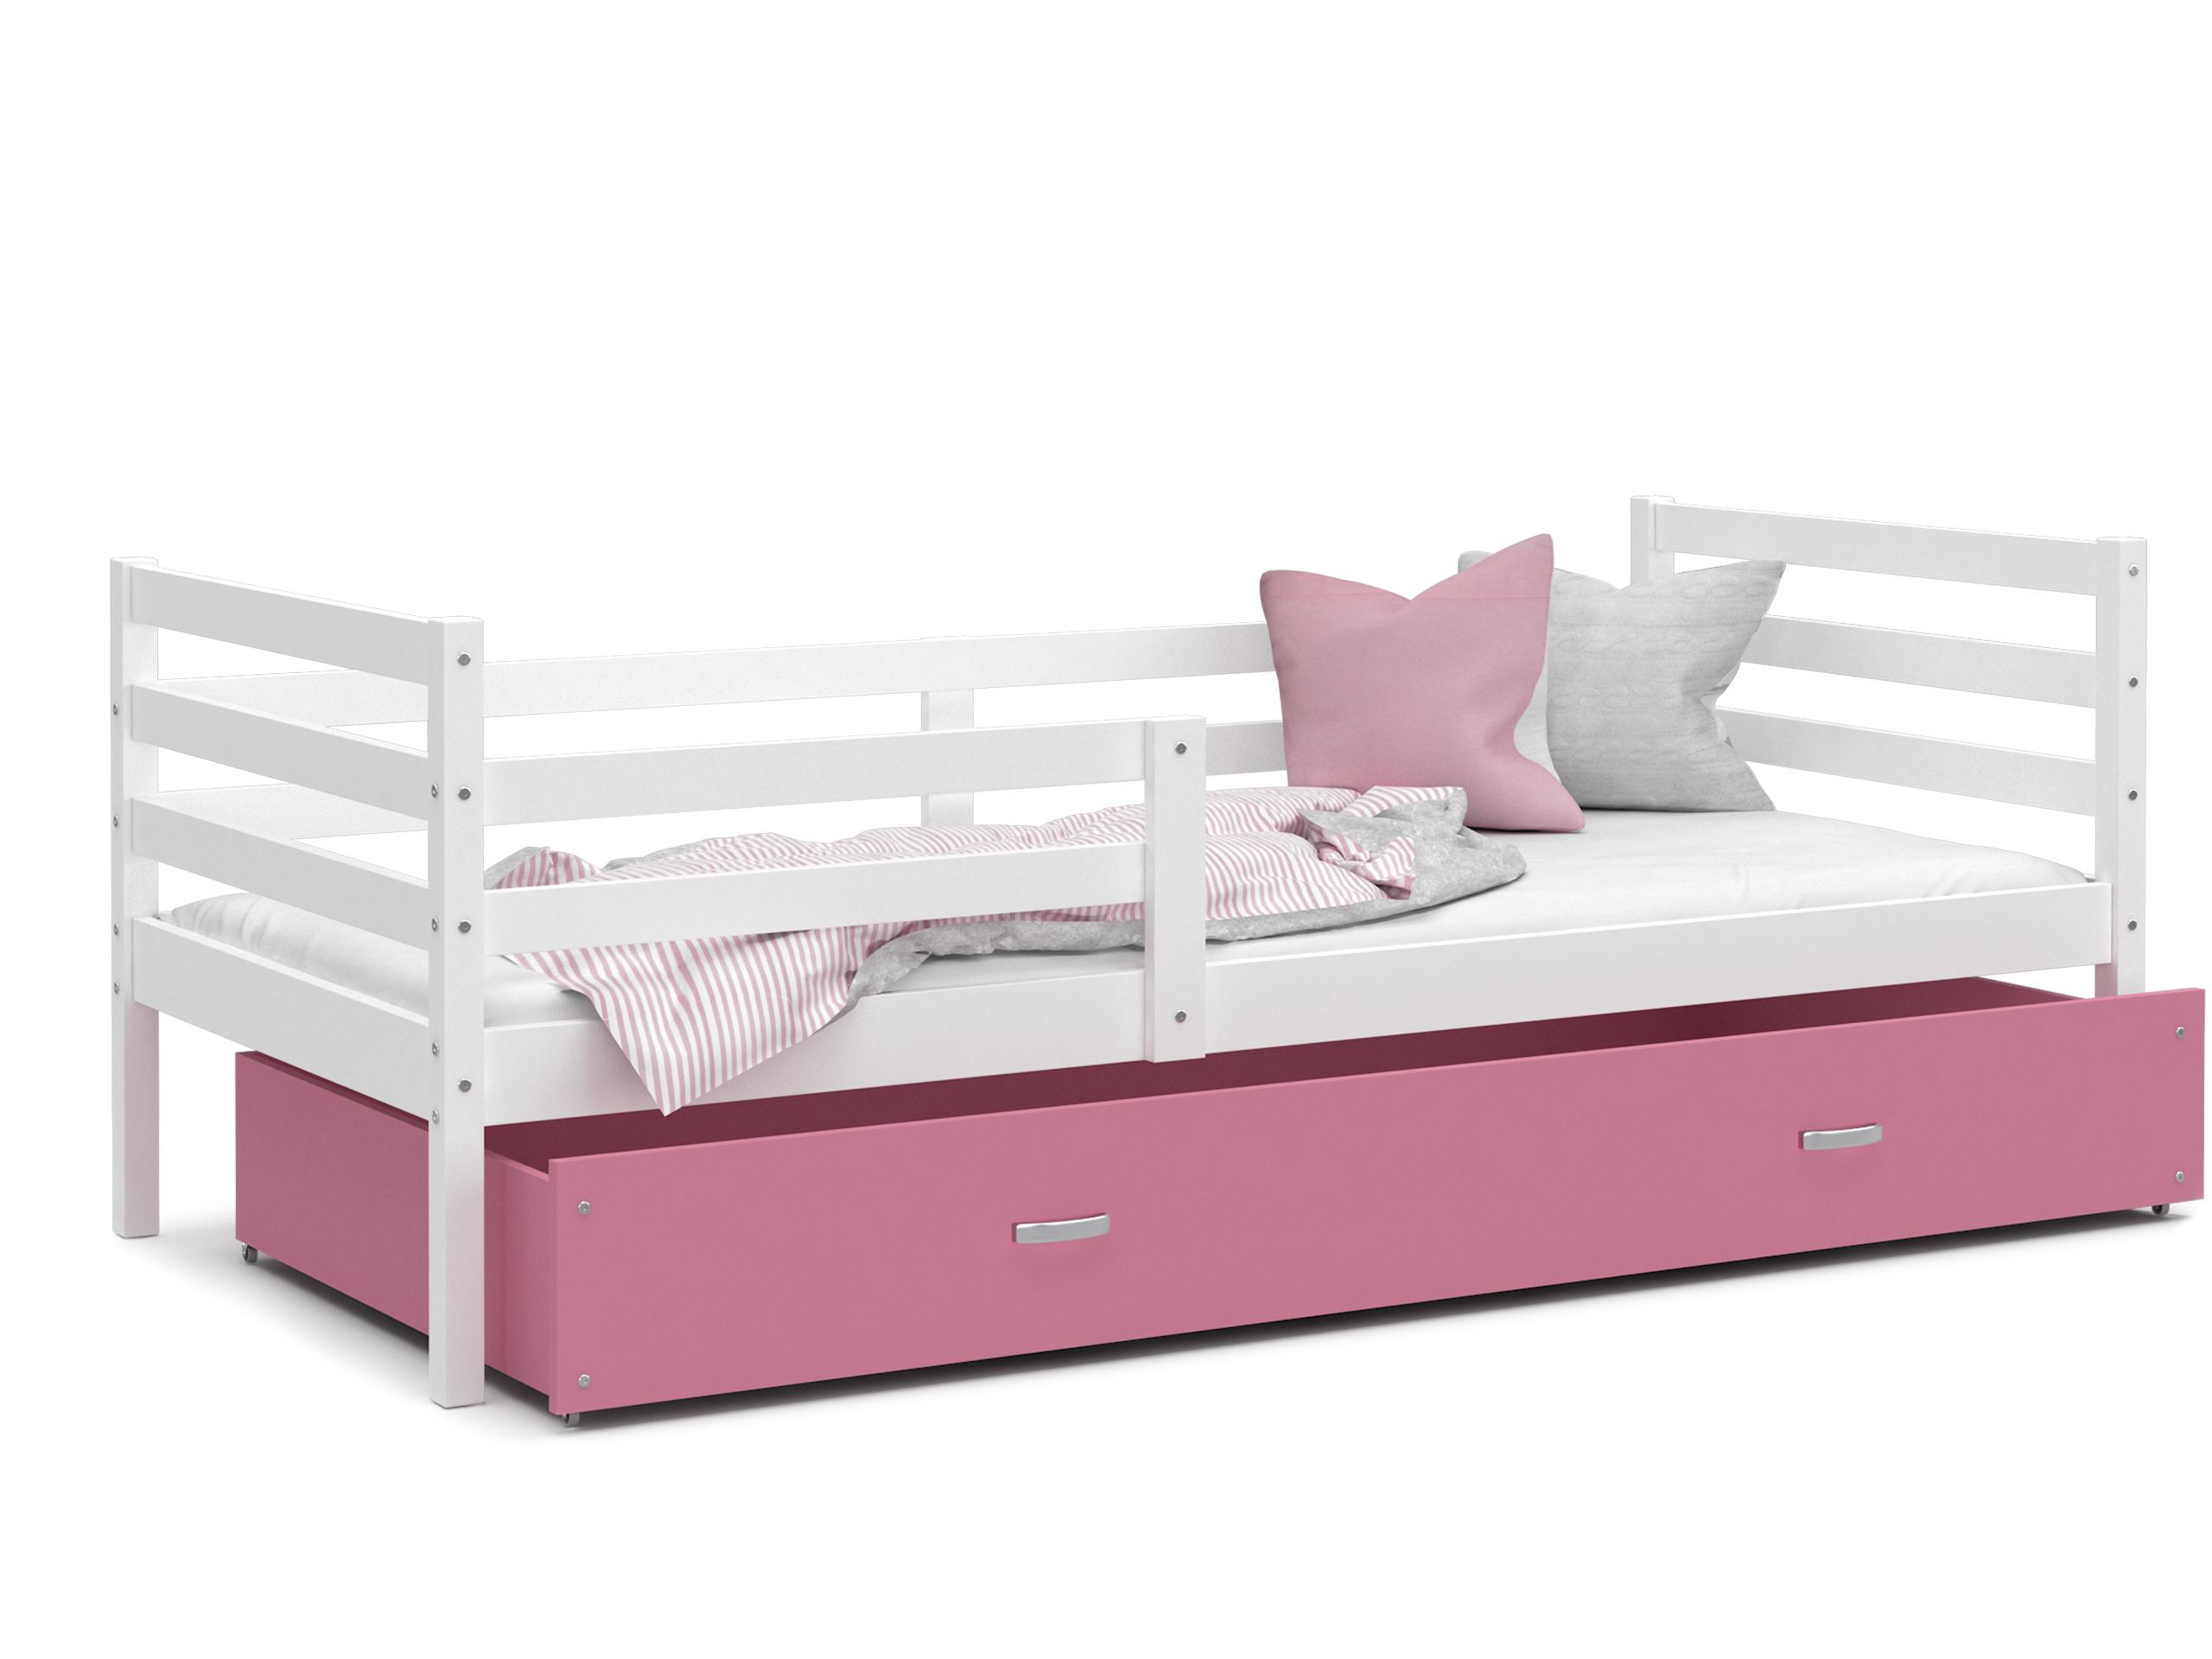 ArtAJ Detská posteľ JACEK P   190 x 80 cm Farba: biela / ružová, Prevedenie: bez matraca, Rozmer, materiál: MDF